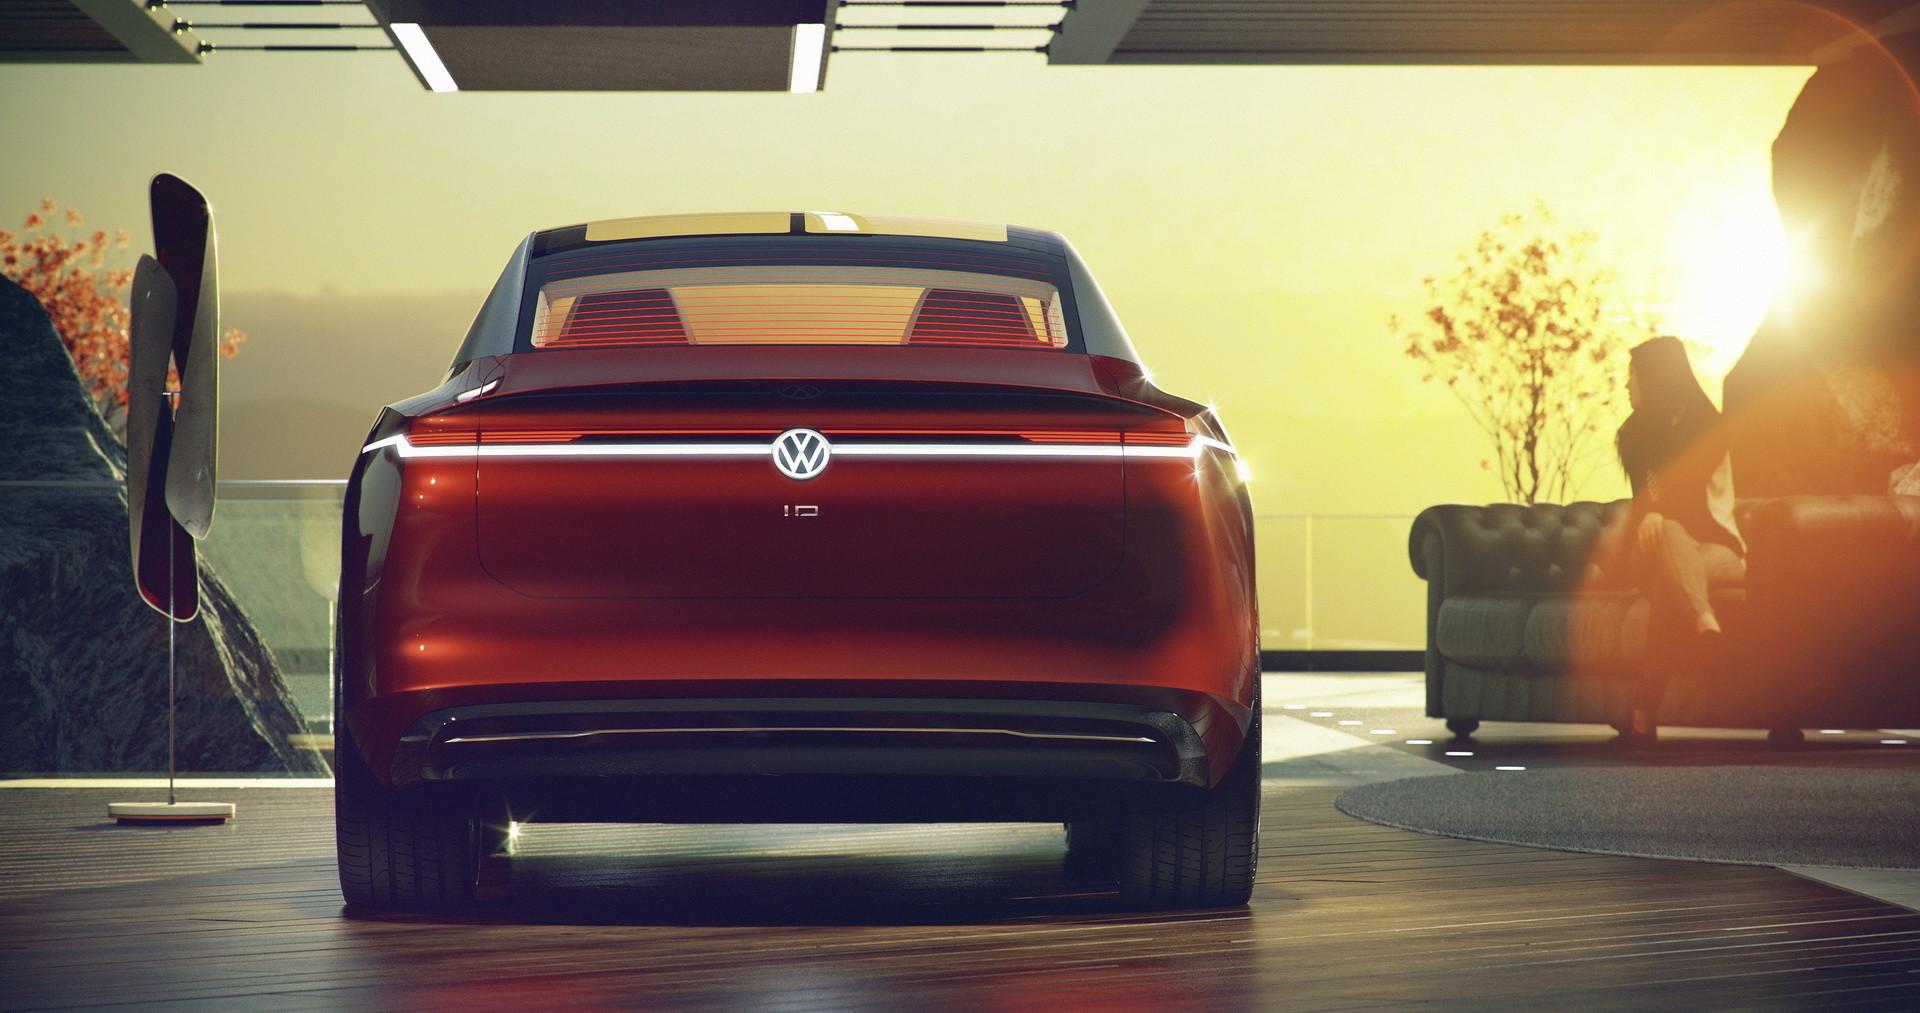 Foto de VW vizzion 2018 ID (5/12)